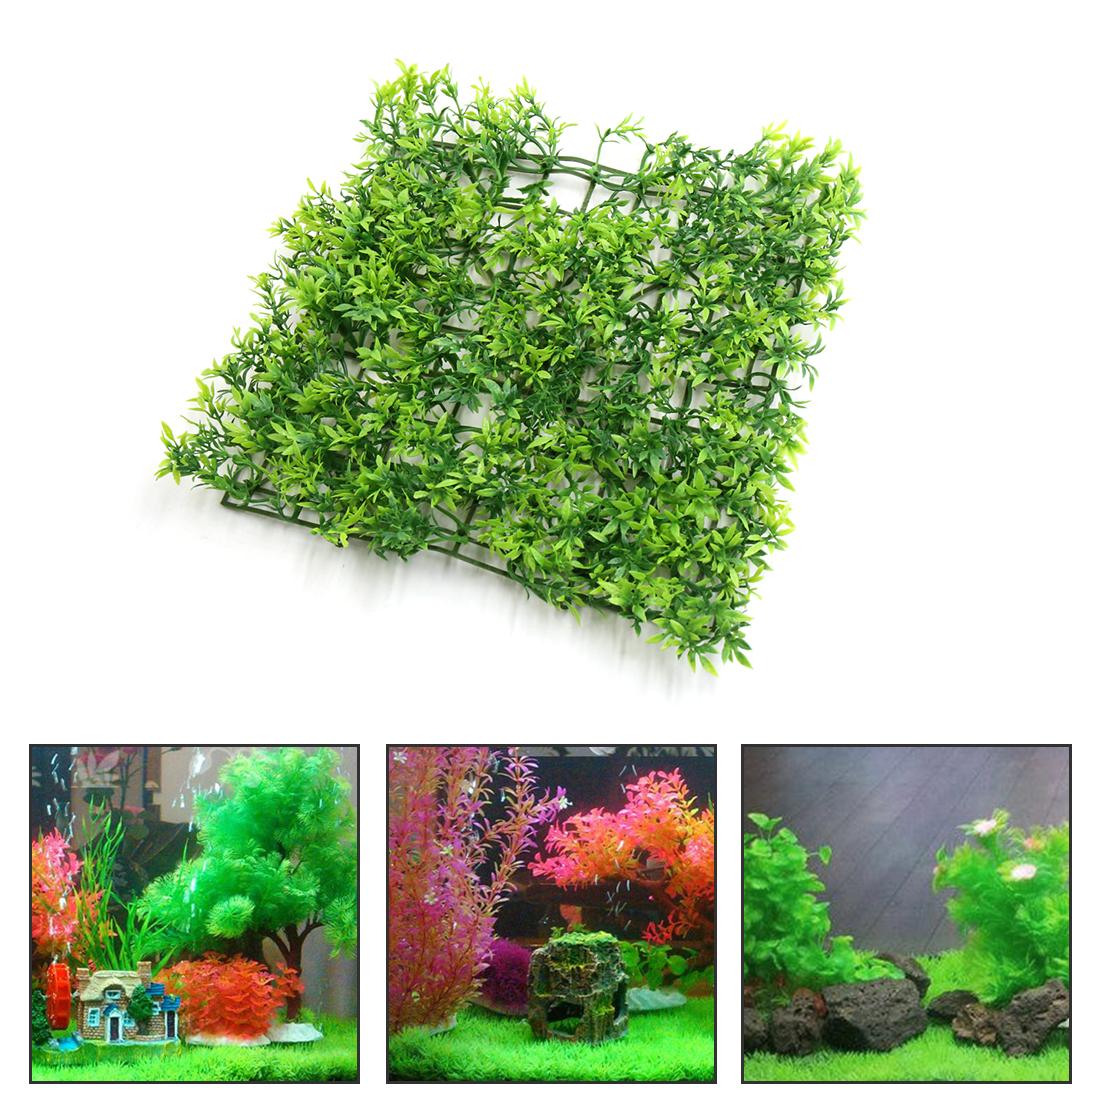 Plastic Grassland Lawn Aquarium Fish Tank Aquascape Decor Ornament - image 1 of 3